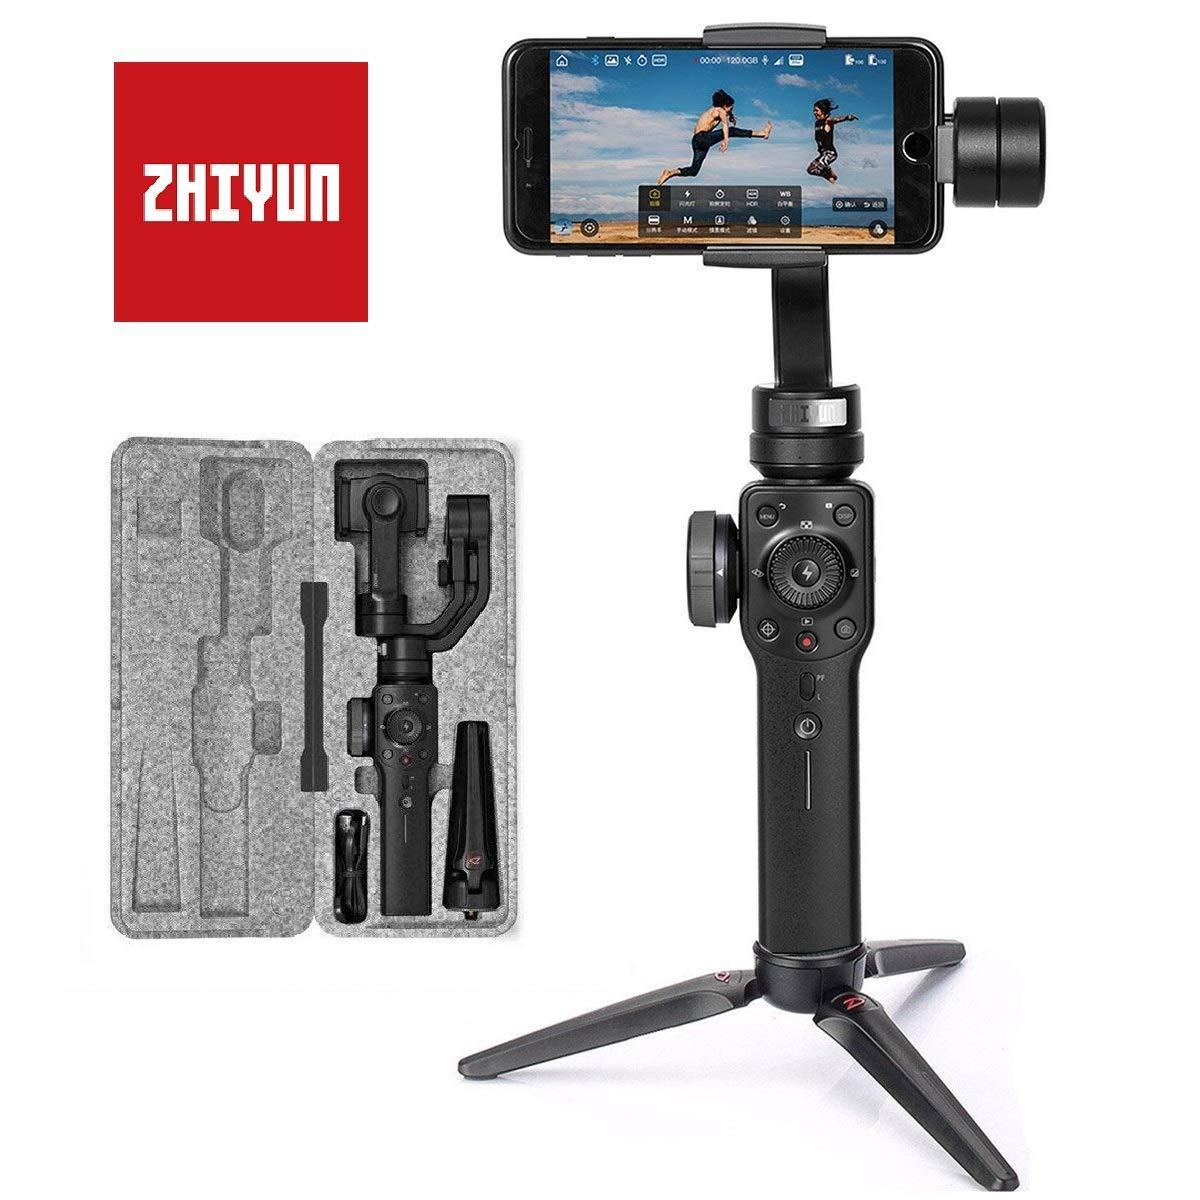 Zhiyun Smooth 4 Smartphone Gimbal bis zu 210g 6,5 Zoll  und GoPro Hero - Zollfreie Lieferung -